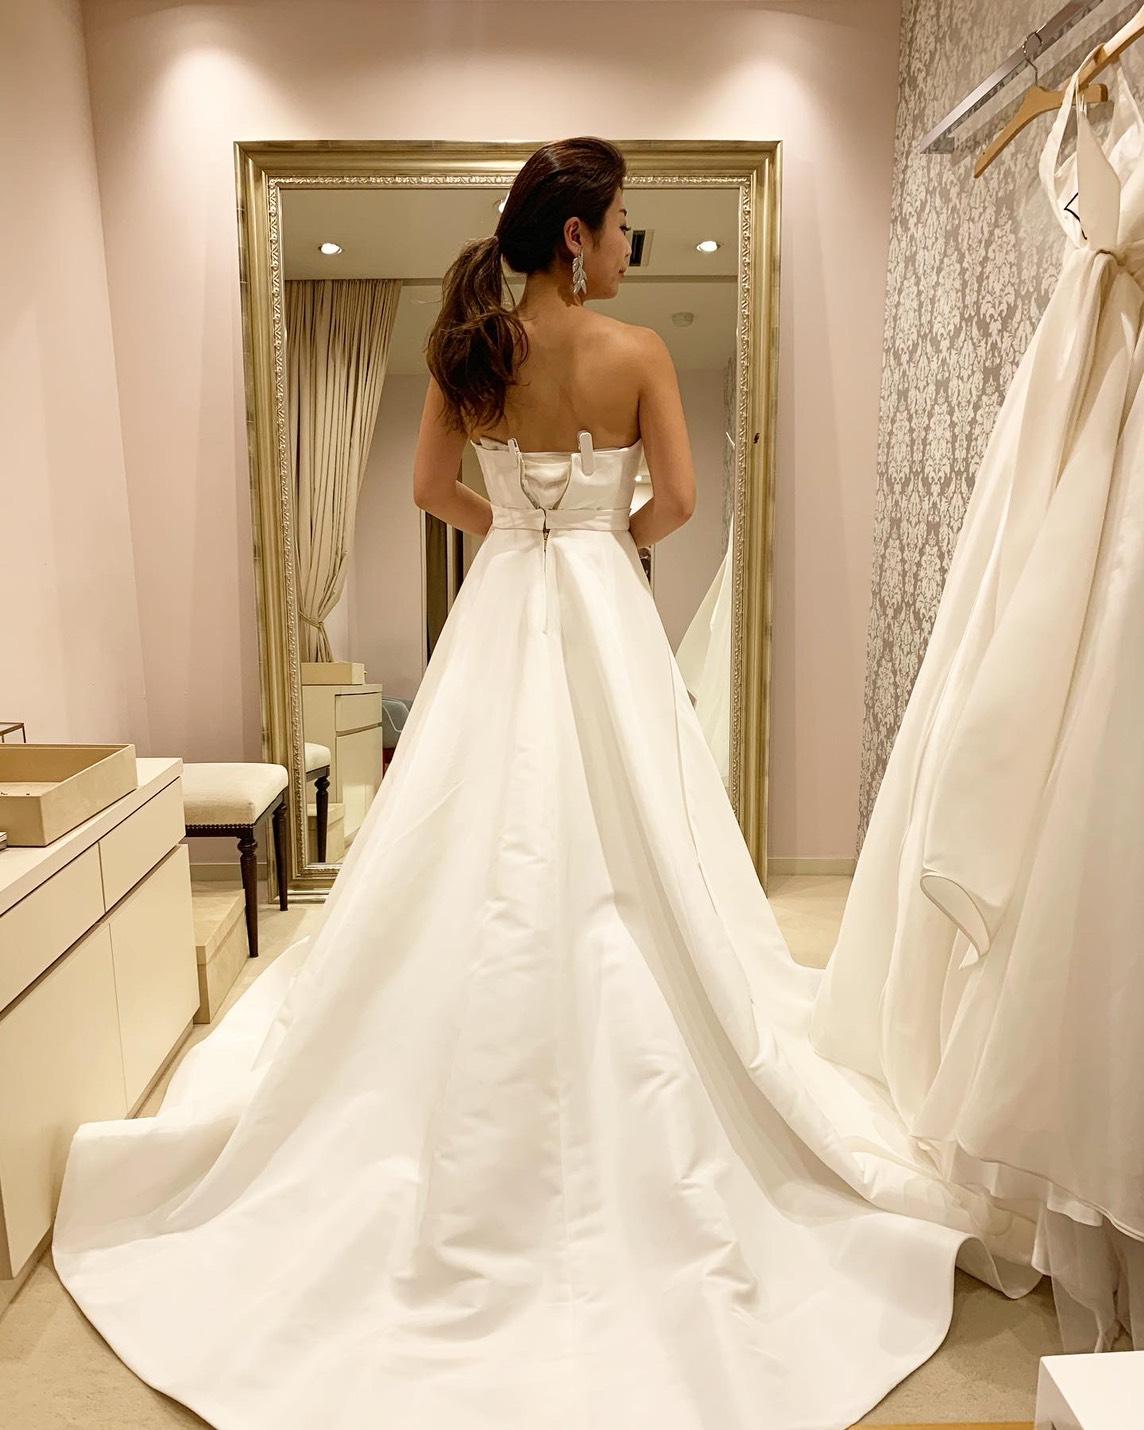 結婚式に向けてダイエット!「着たいドレス」で人生最高の日を